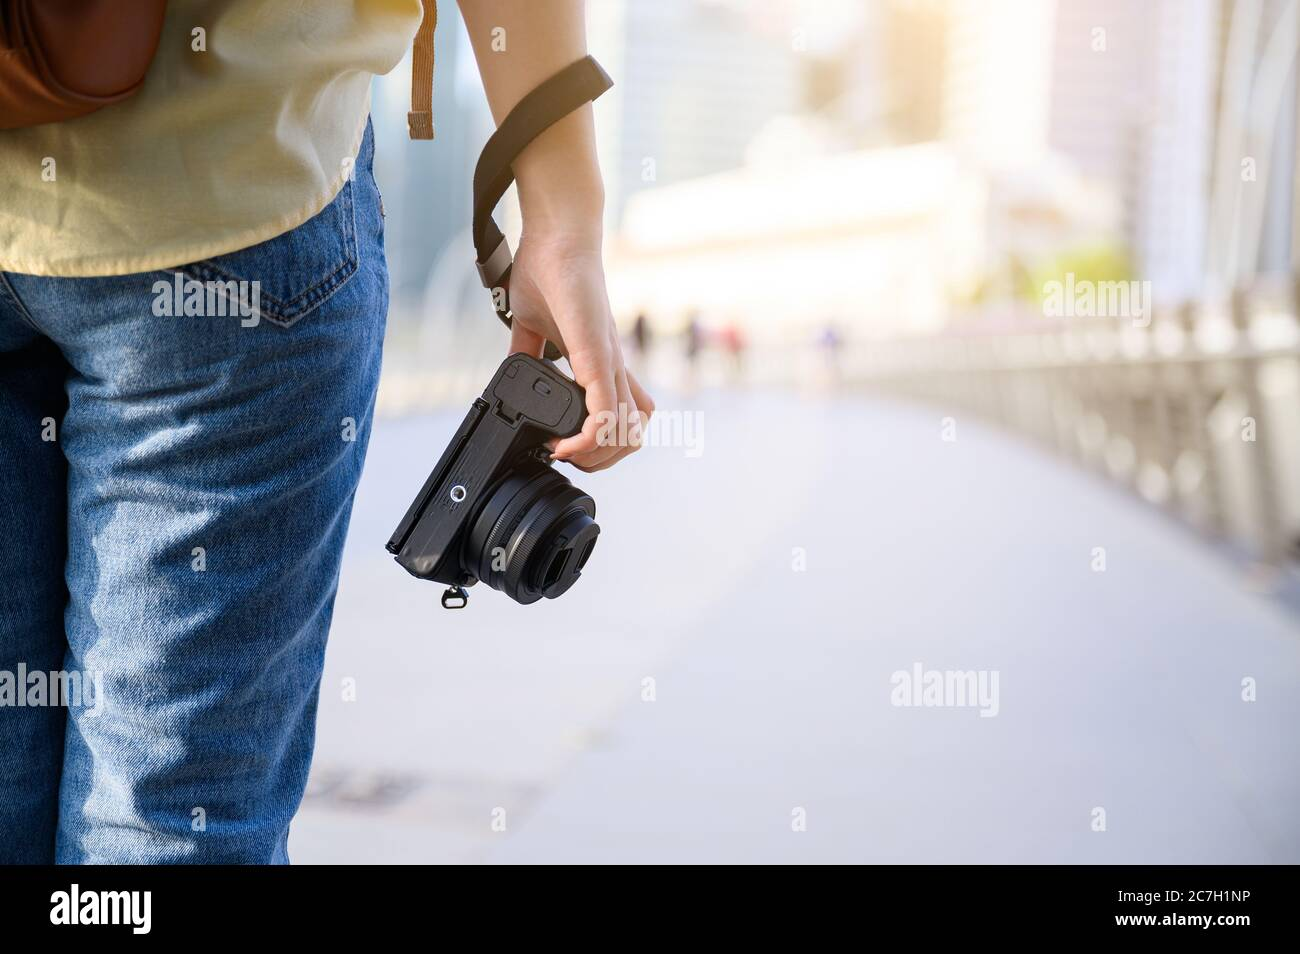 Photographe et voyageur concept, femme tenant l'appareil photo numérique tout en voyageant à Singapour Banque D'Images